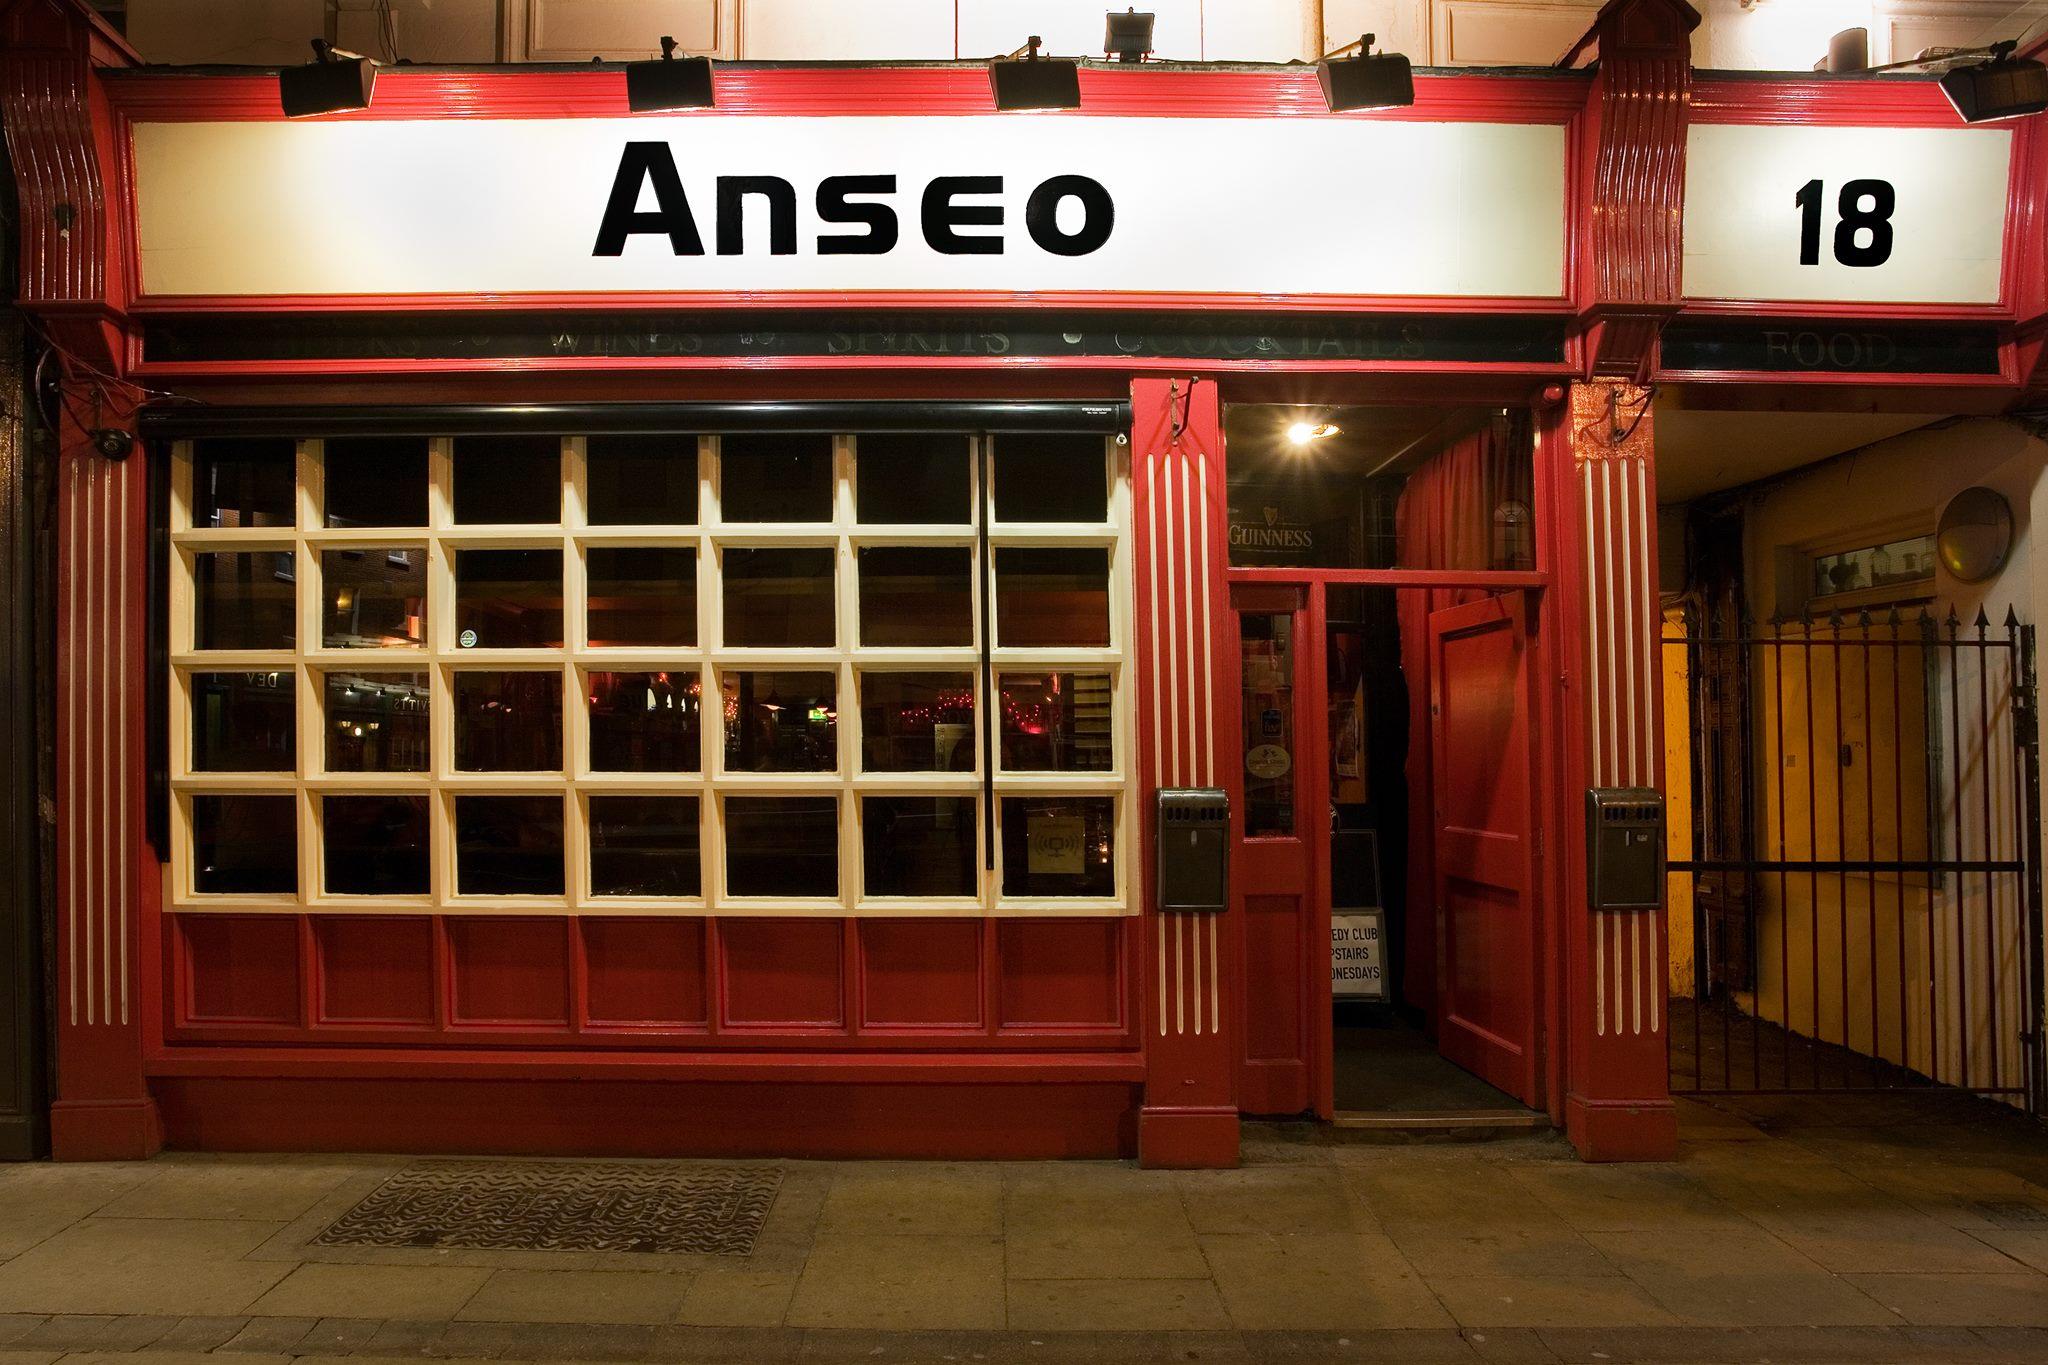 Anseo